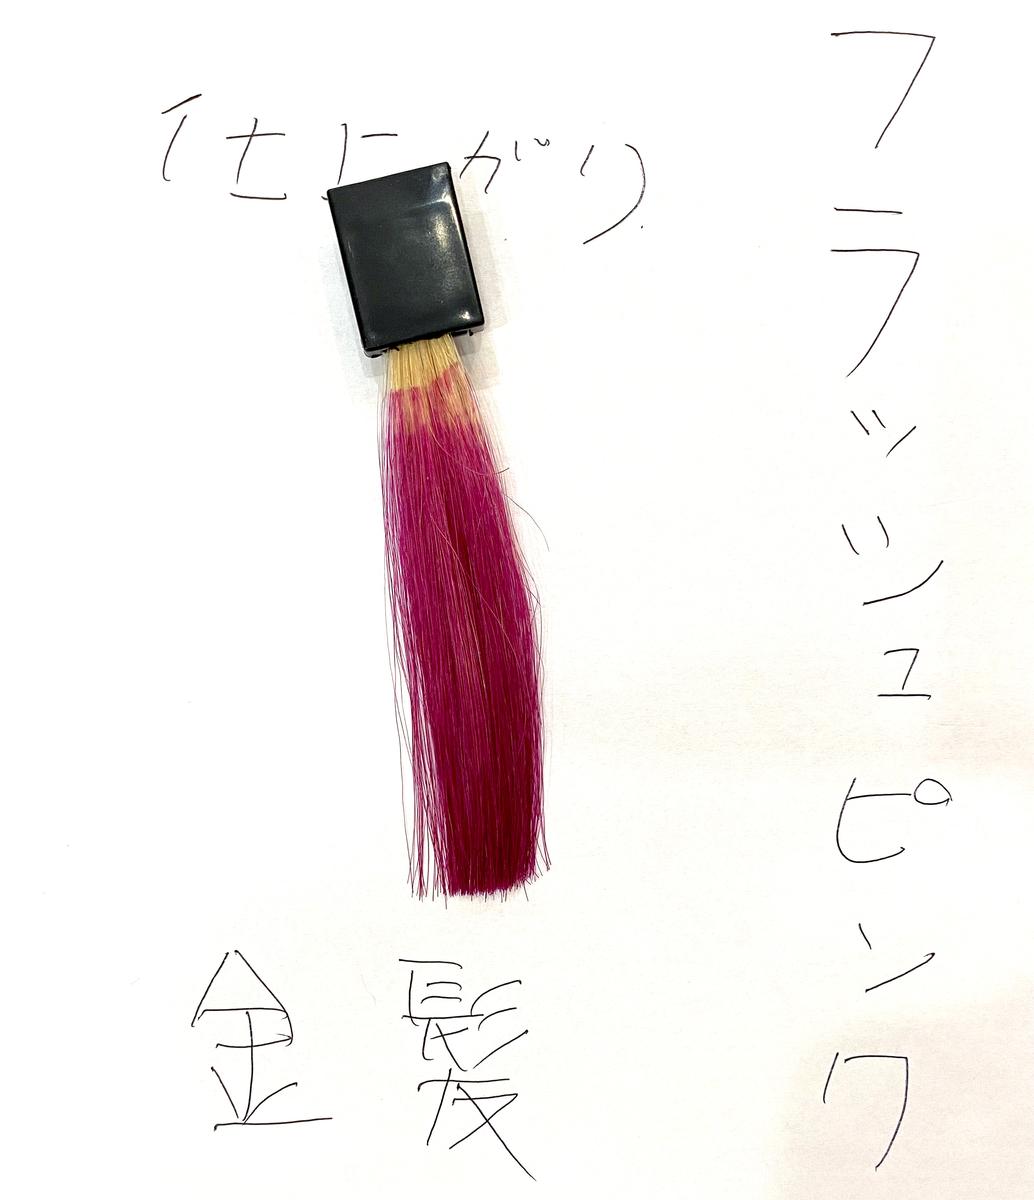 フラッシュピンクで染めた後の金髪の毛束